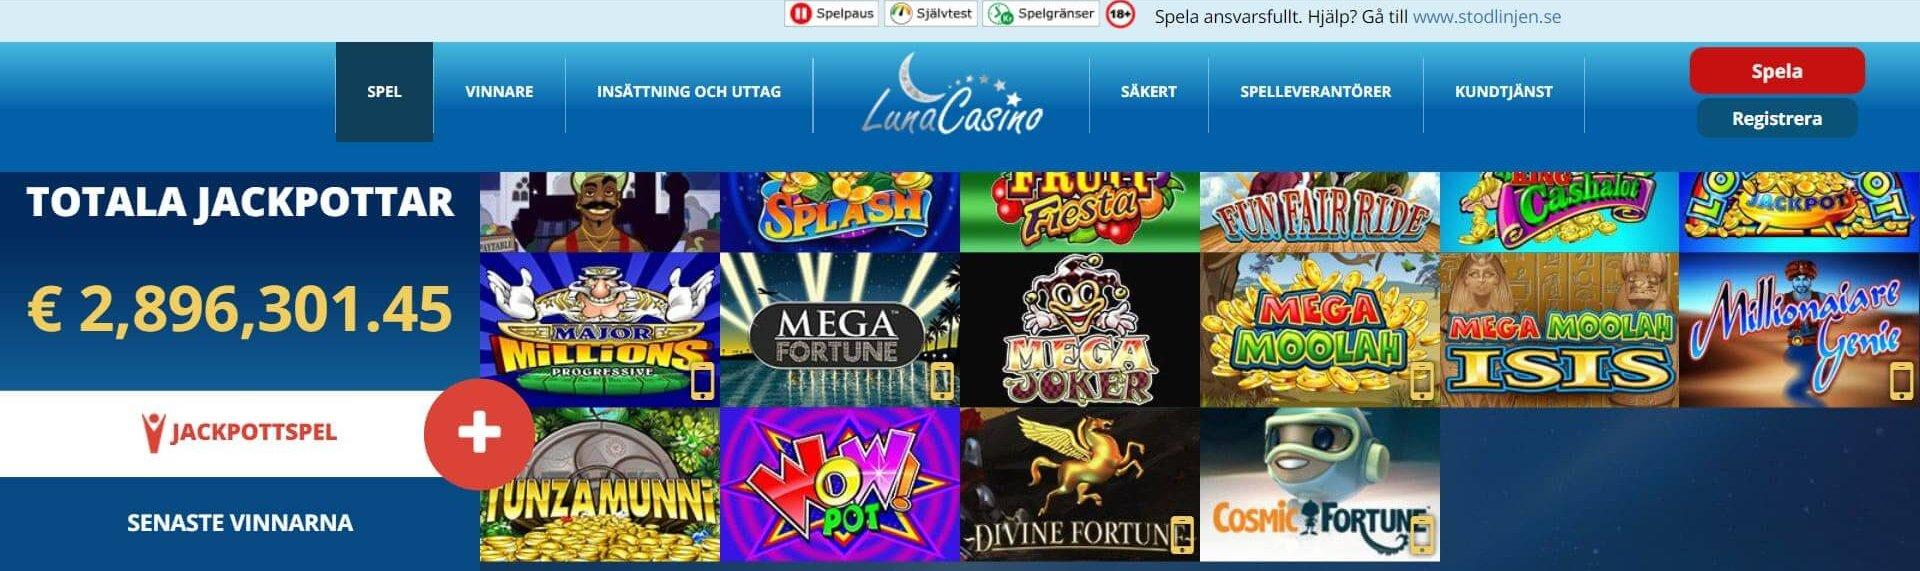 Luna Casino har ett häftig spelutbud men sajtens layout speglar tyvärr inte innehållet